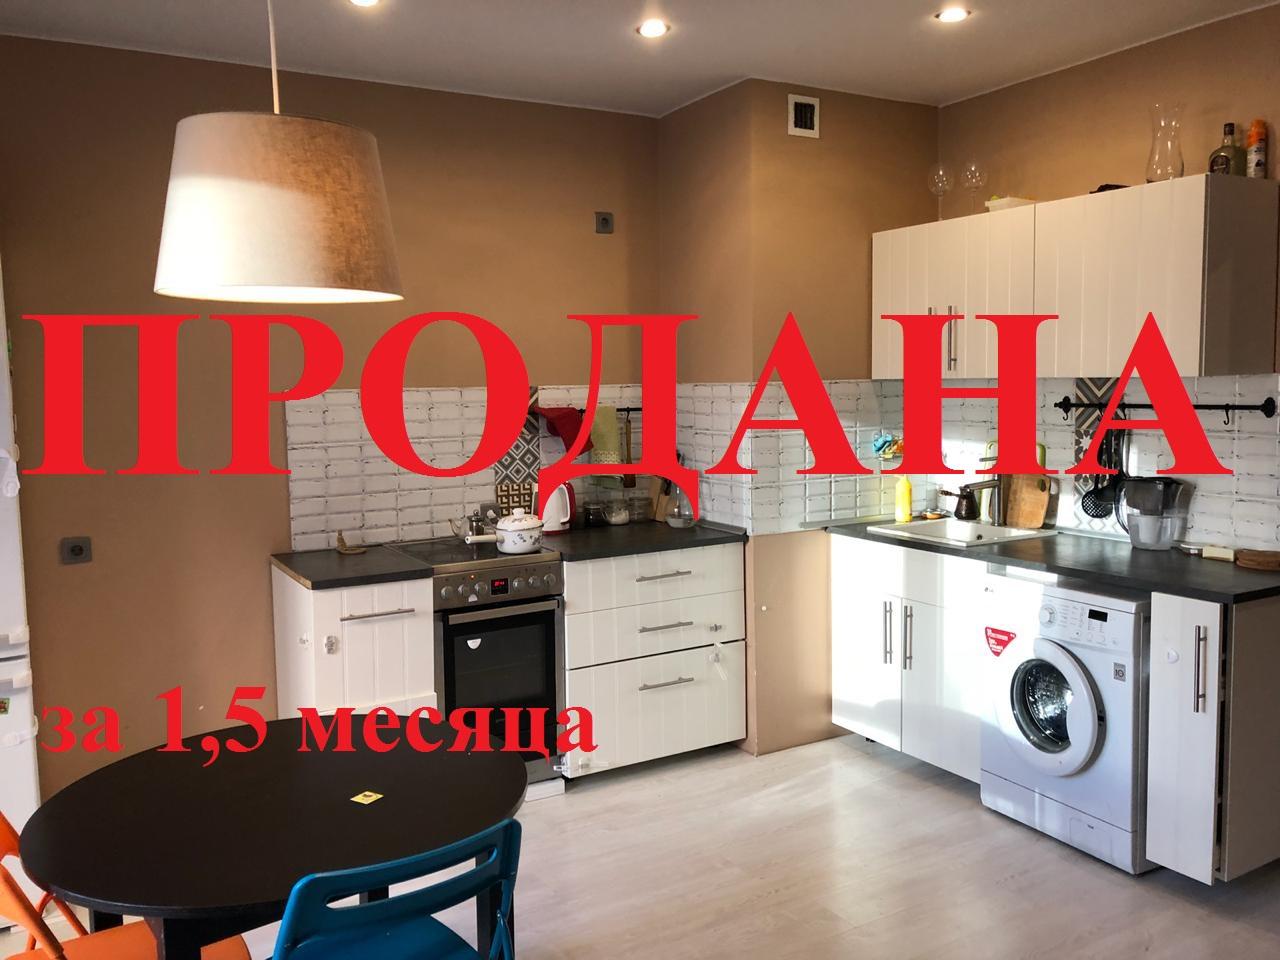 2-к квартира 54,7 м² в Кудрово, микрорайон Новый Оккервиль, ЖК